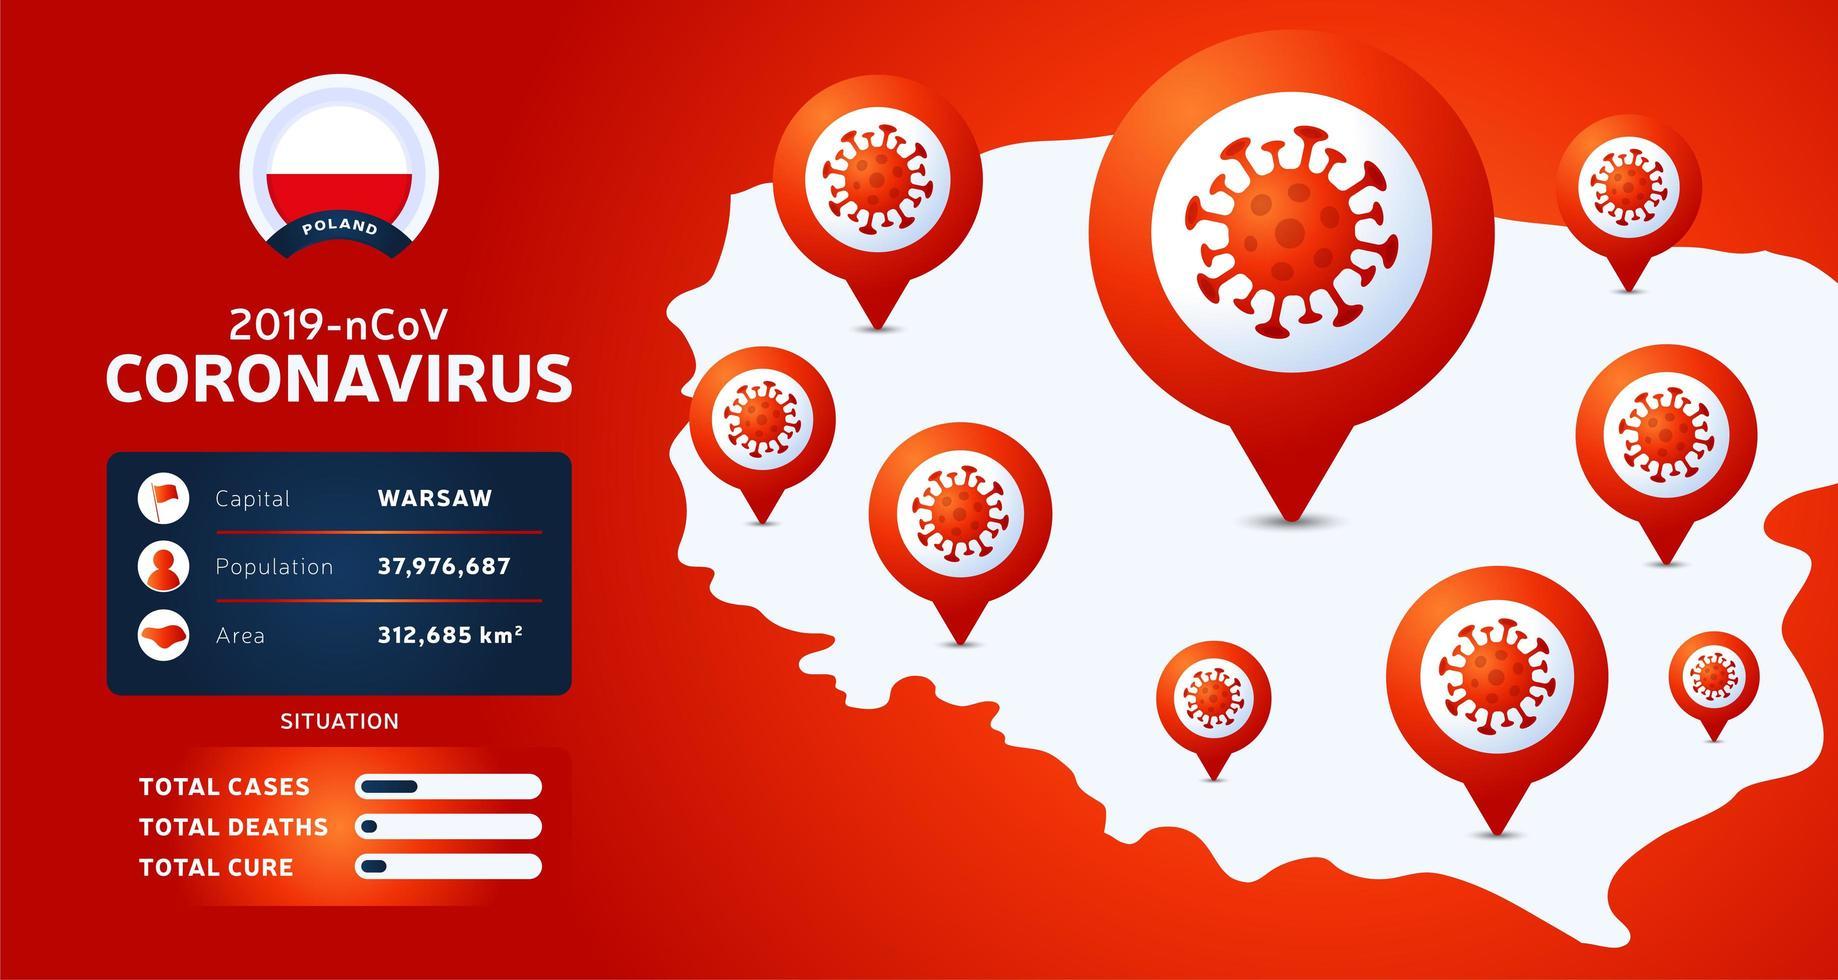 surto de coronavírus em wuhan, china. esteja atento a novos surtos de coronavírus na polônia. disseminação do novo fundo do coronavírus. vetor